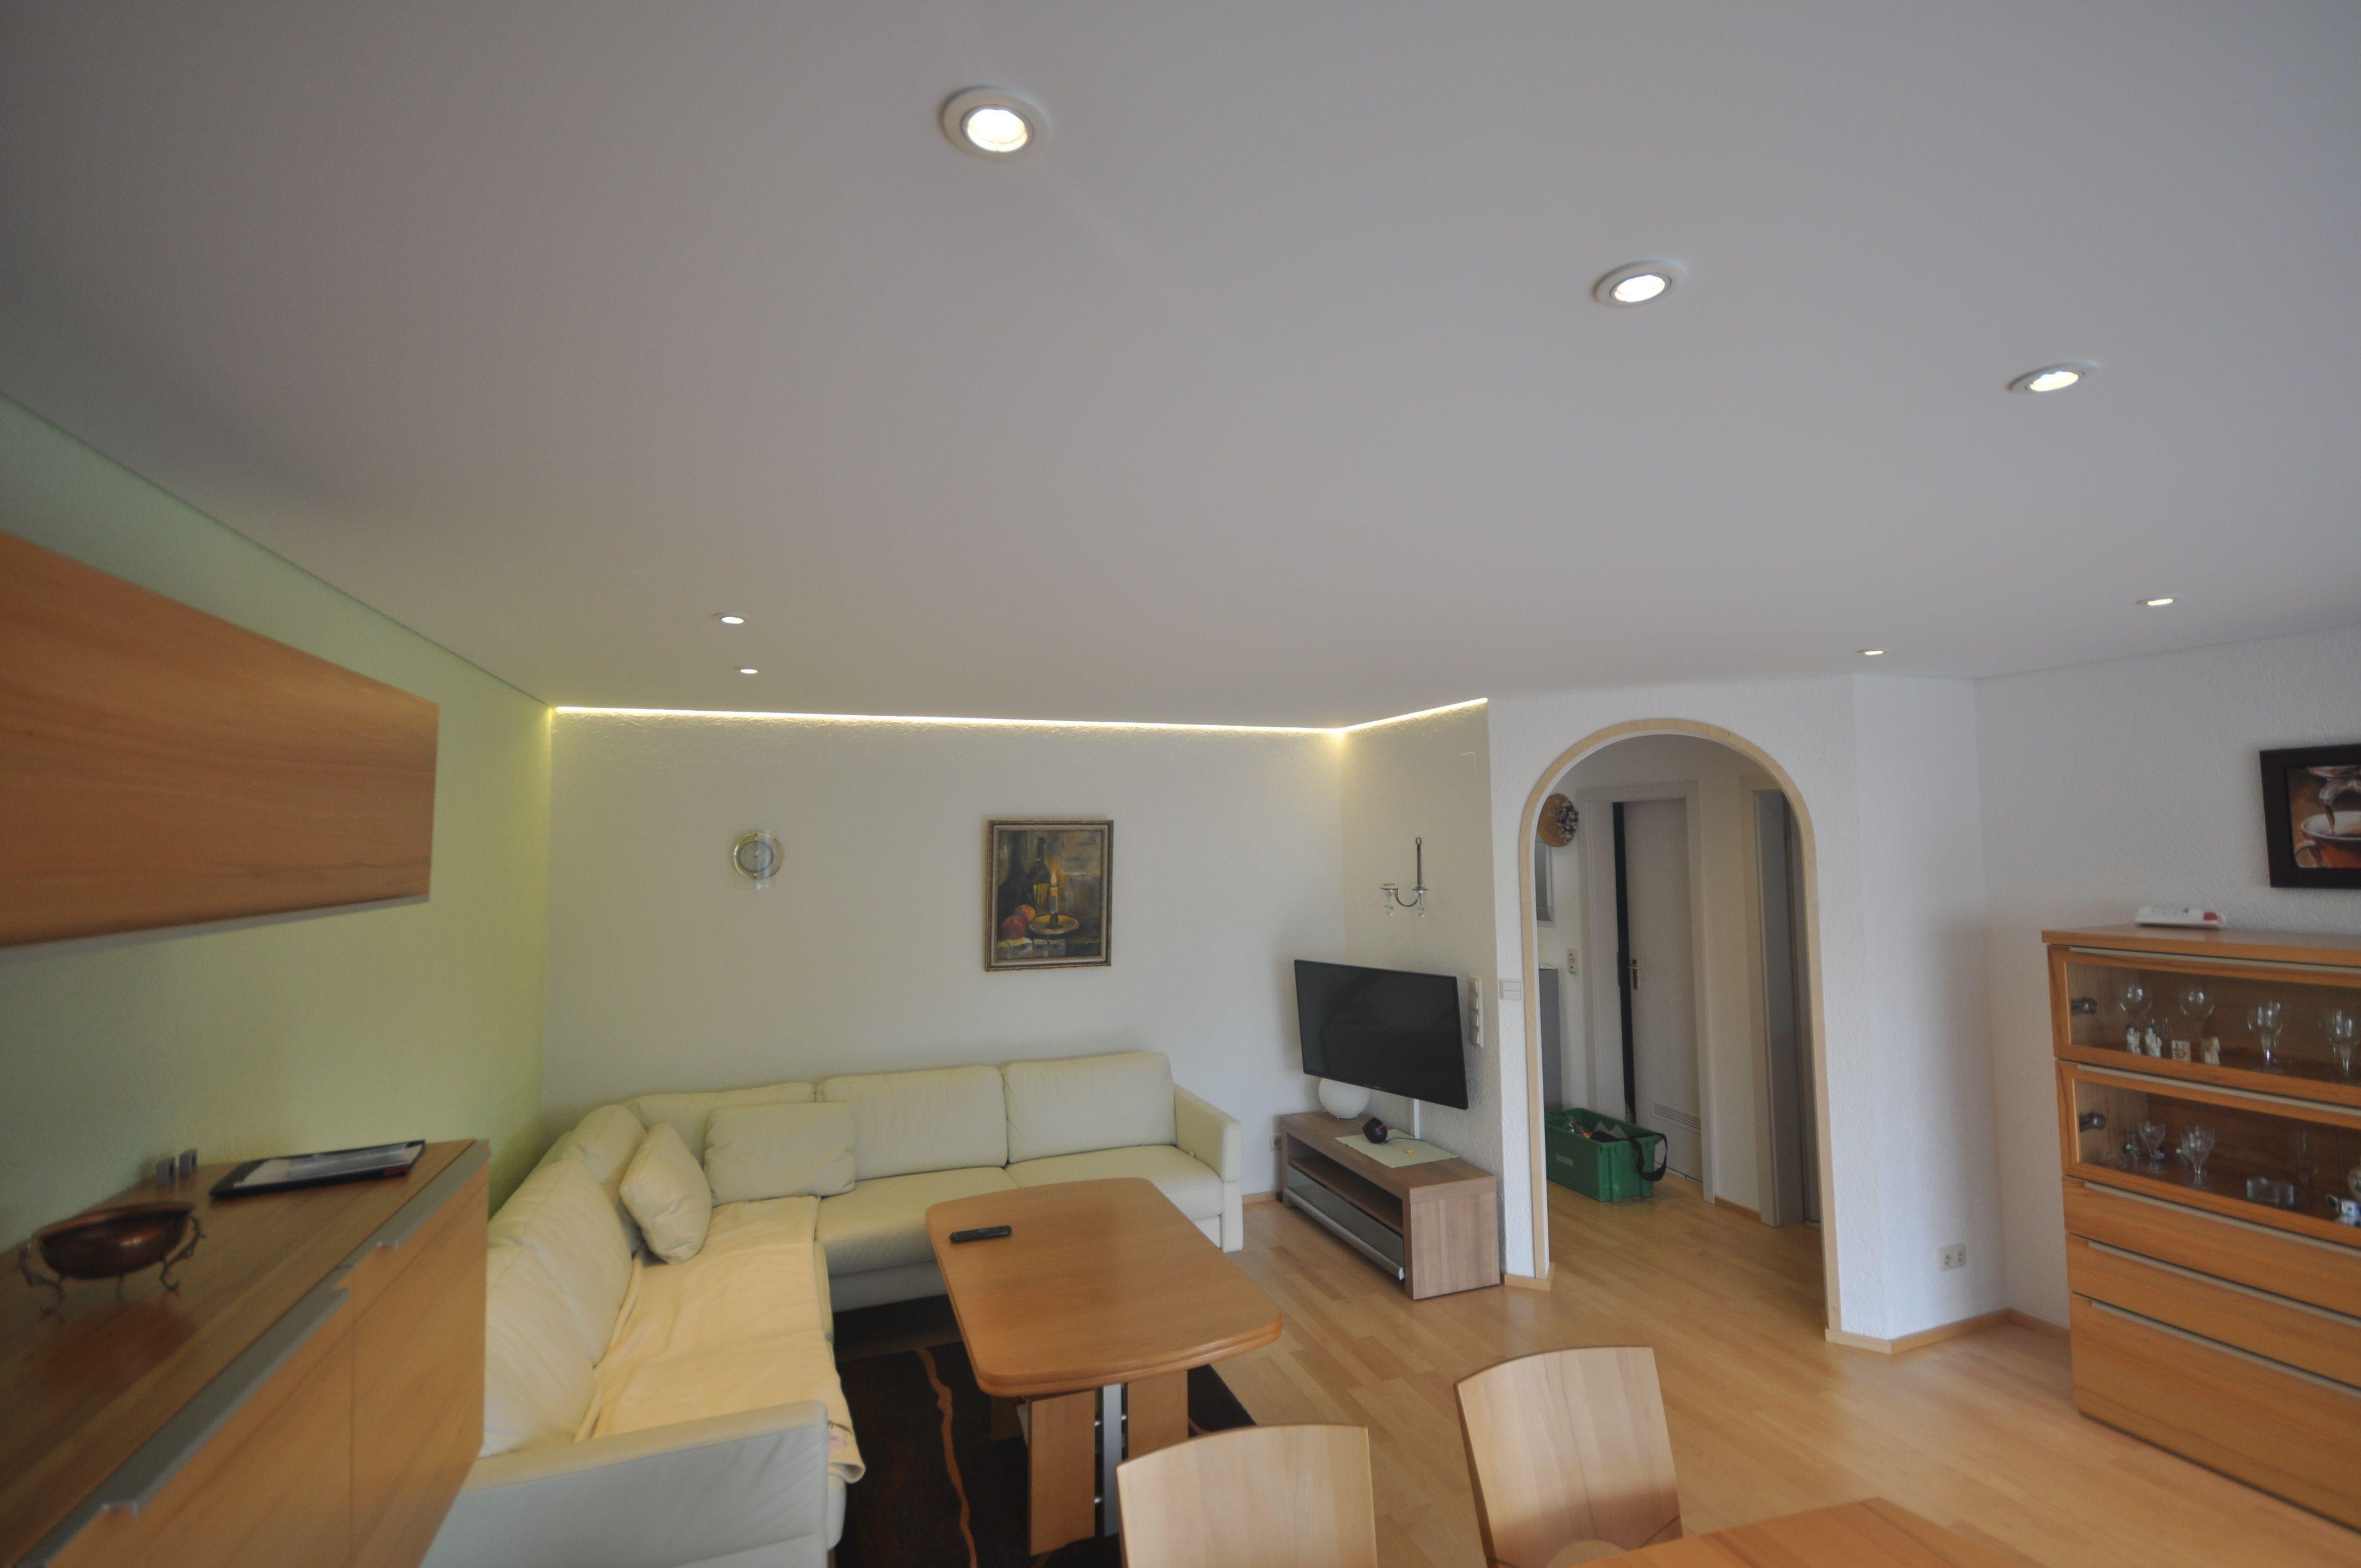 matt weiße spanndecke im wohnzimmer mit einbaustrahlern #wohnzimmer